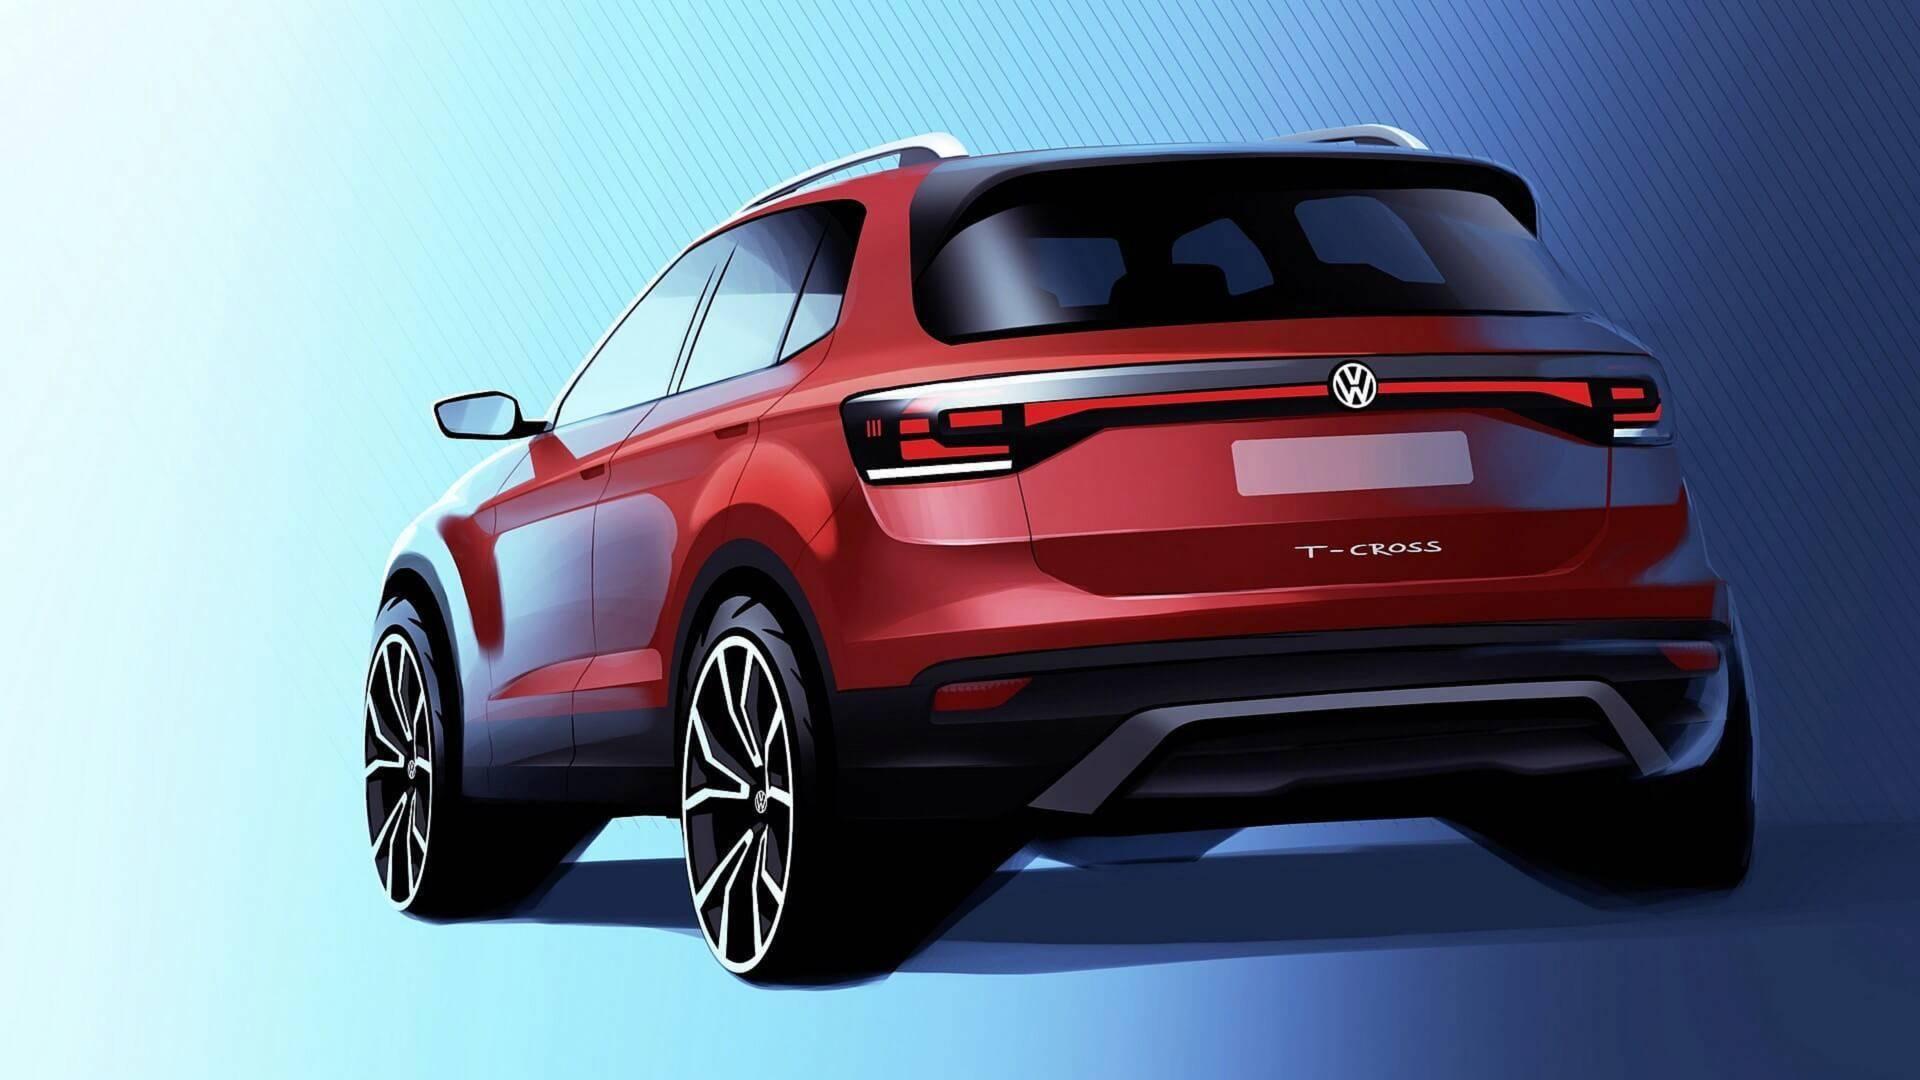 Volkswagen продемонстрировал первое изображение нового кроссовера 1